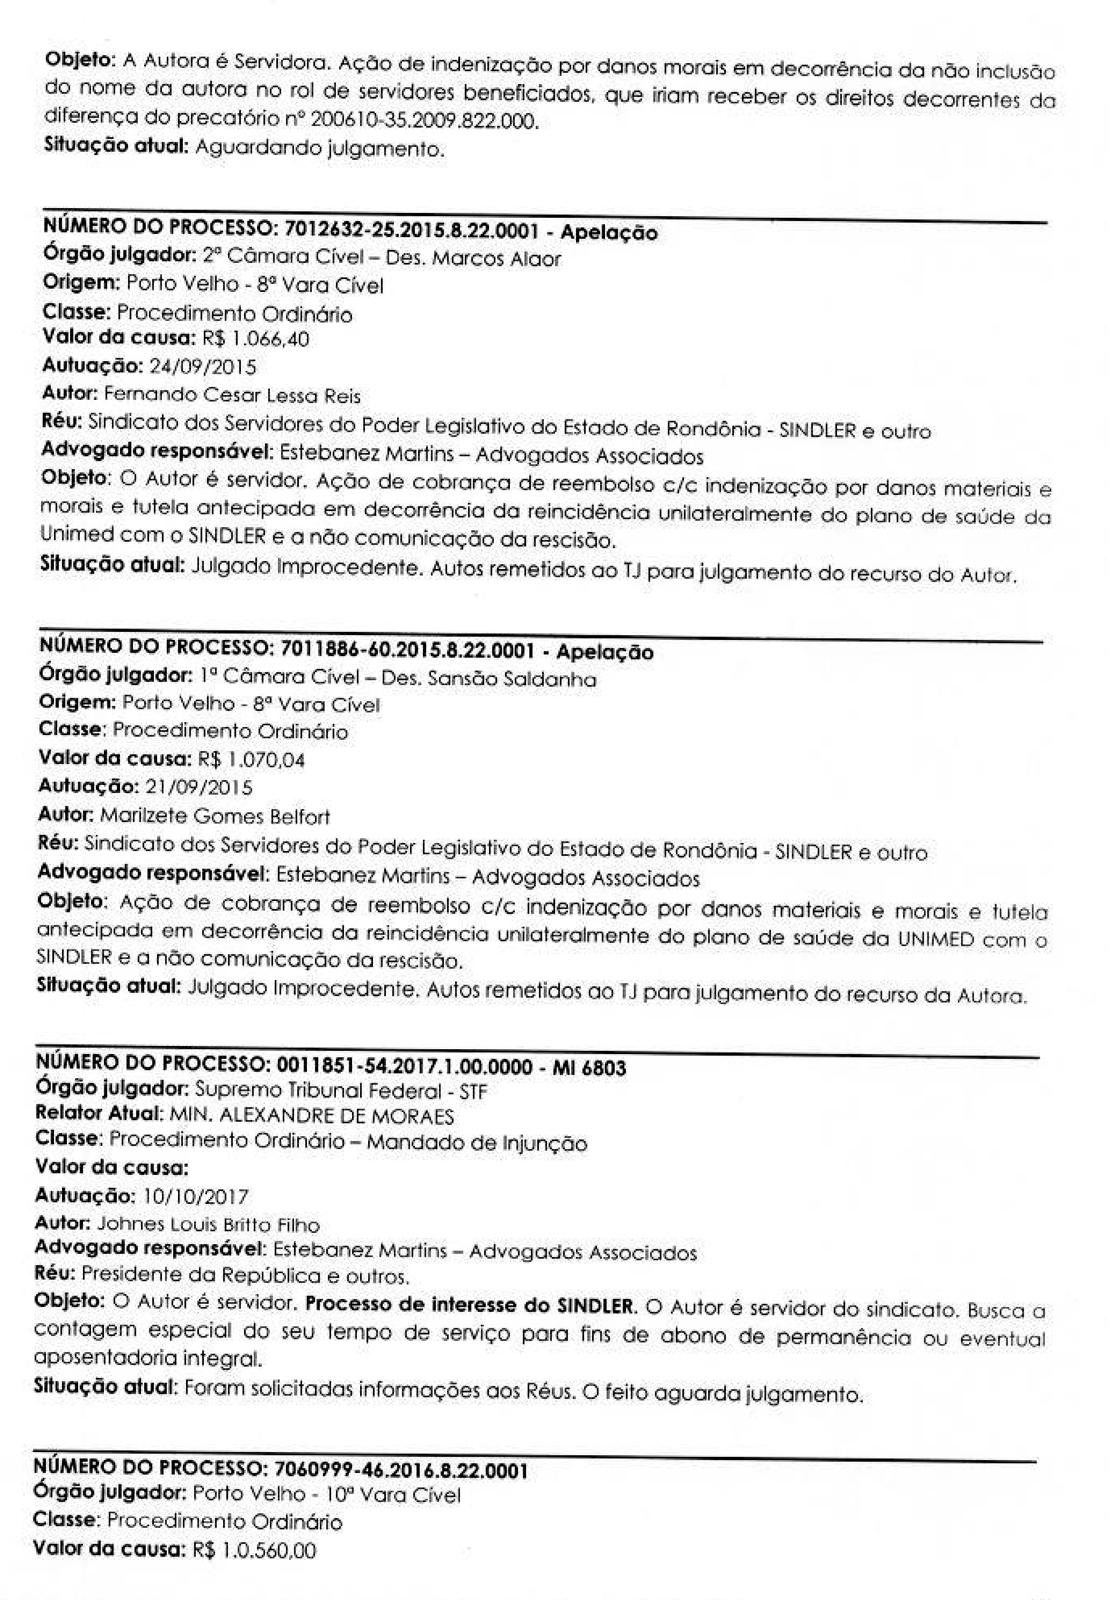 RELATORIO DE PROCESSOS SINDLER 2